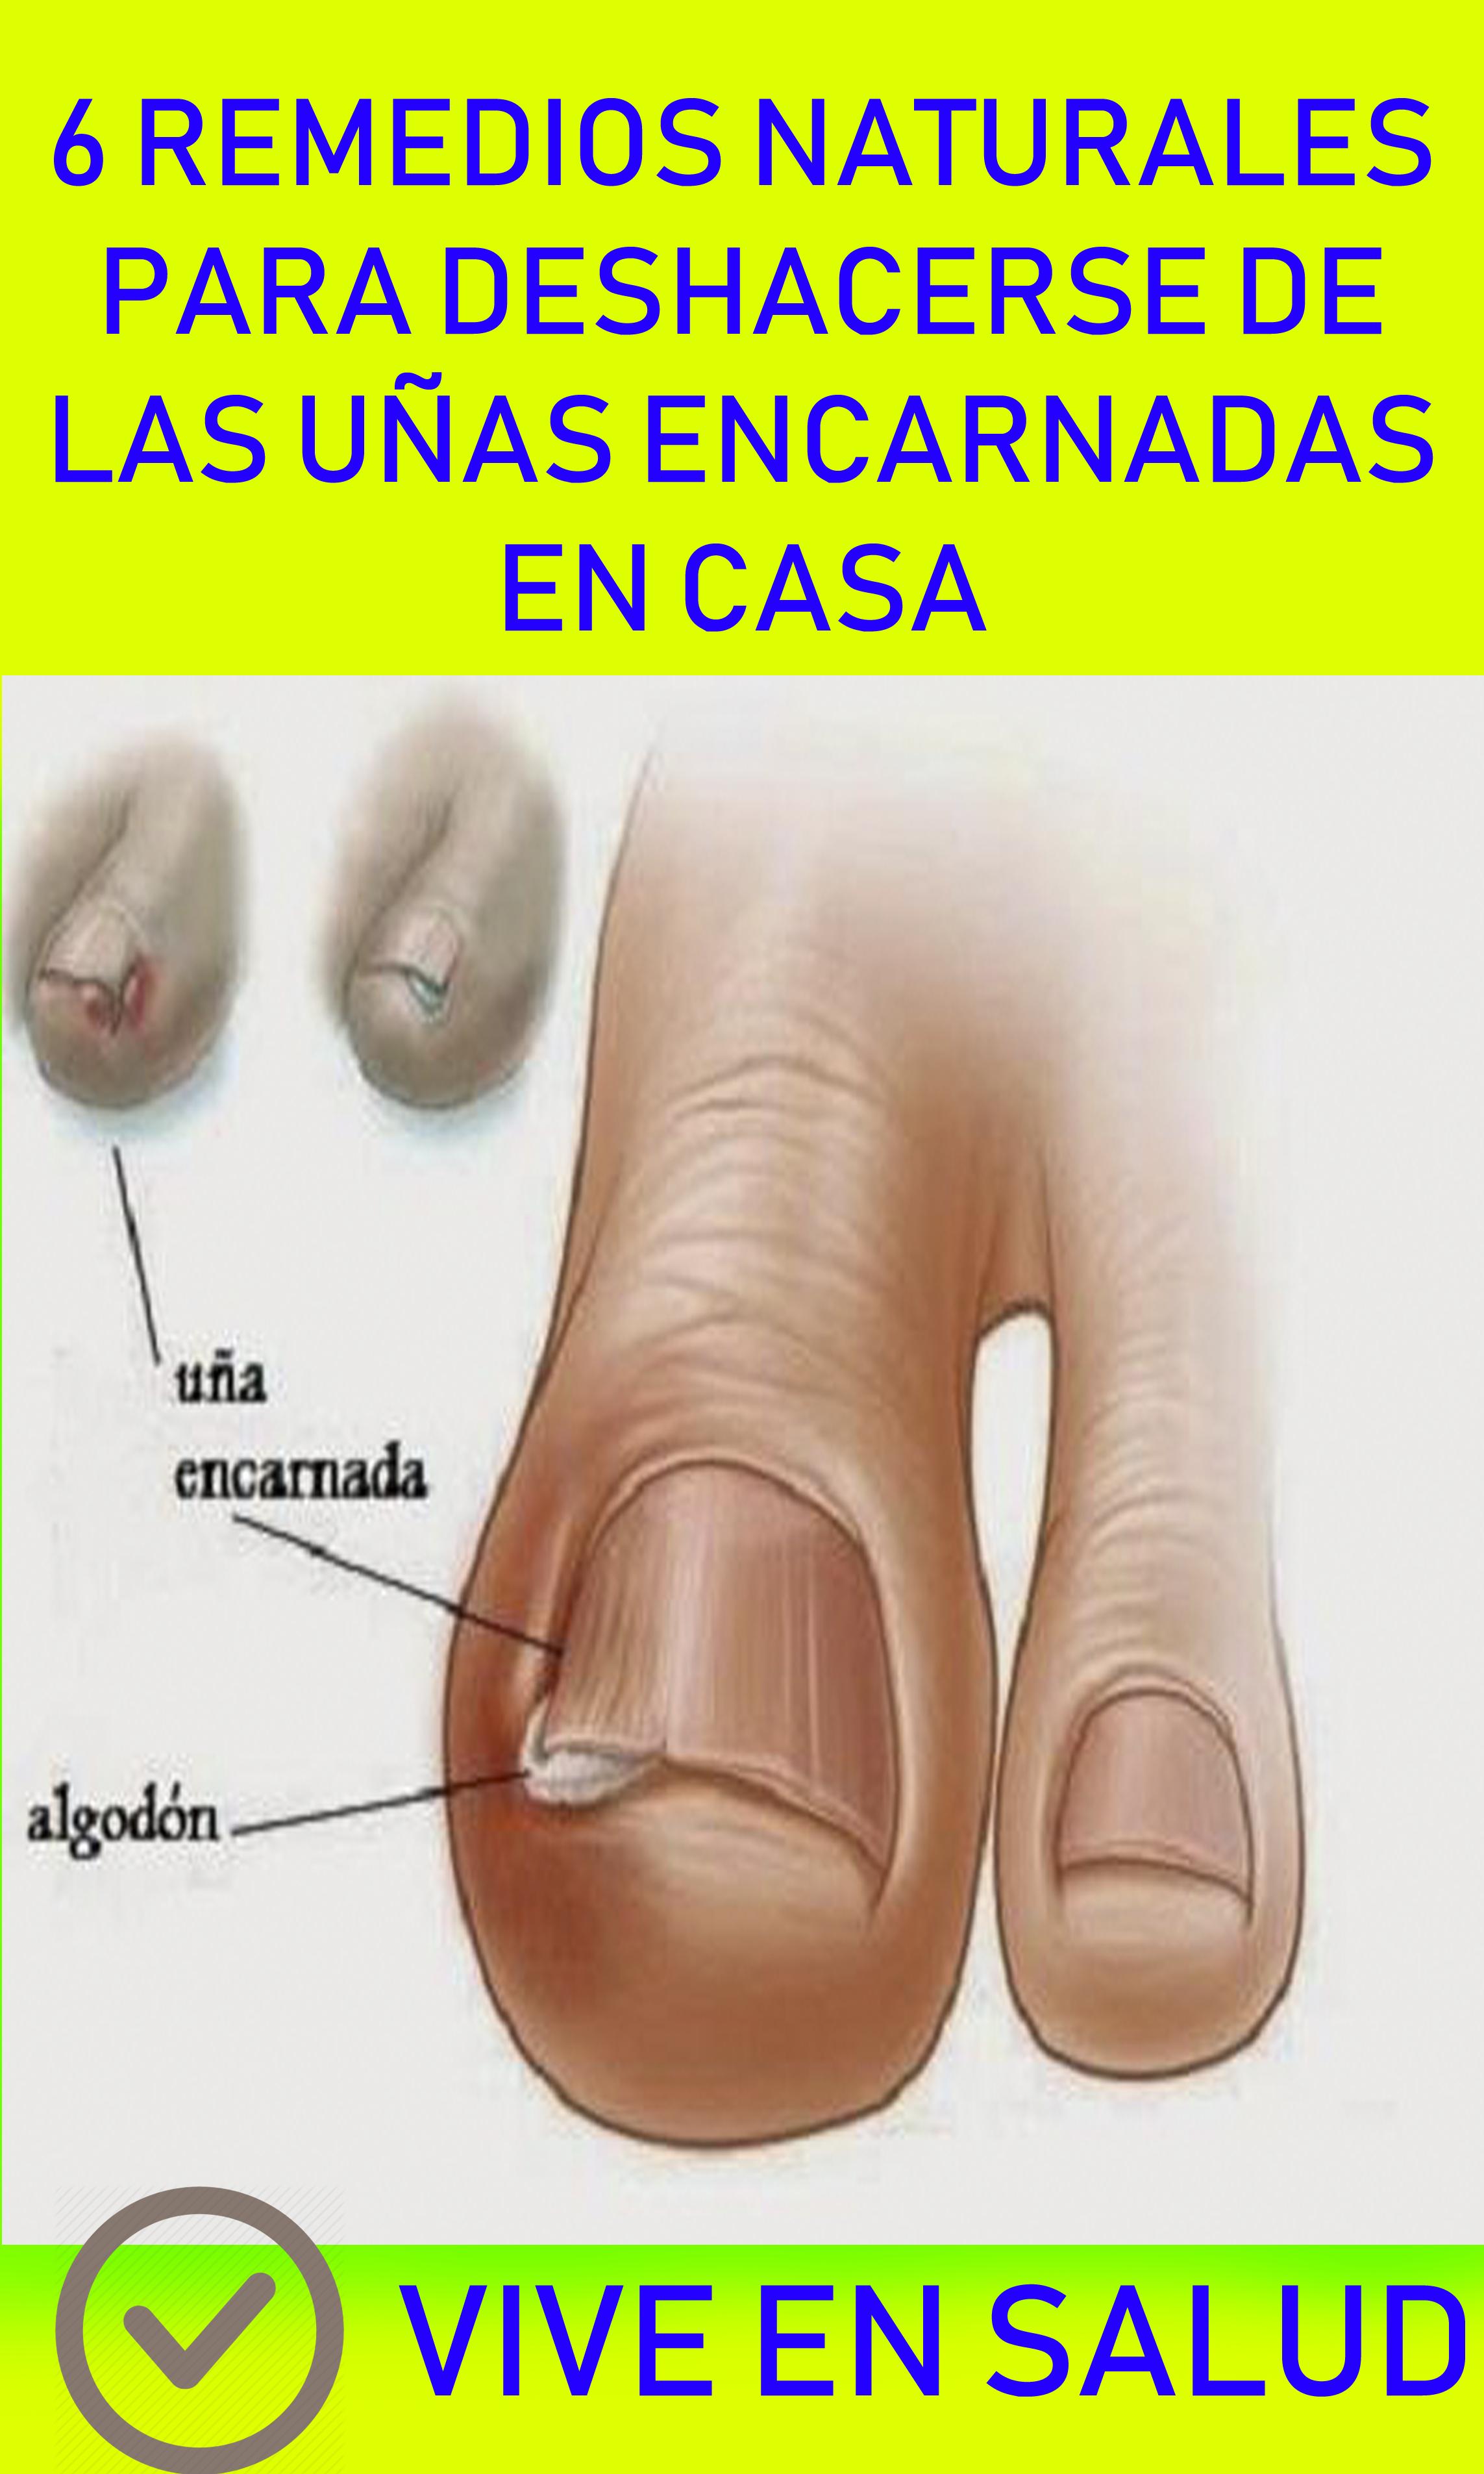 remedio para las uñas encarnadas de los pies